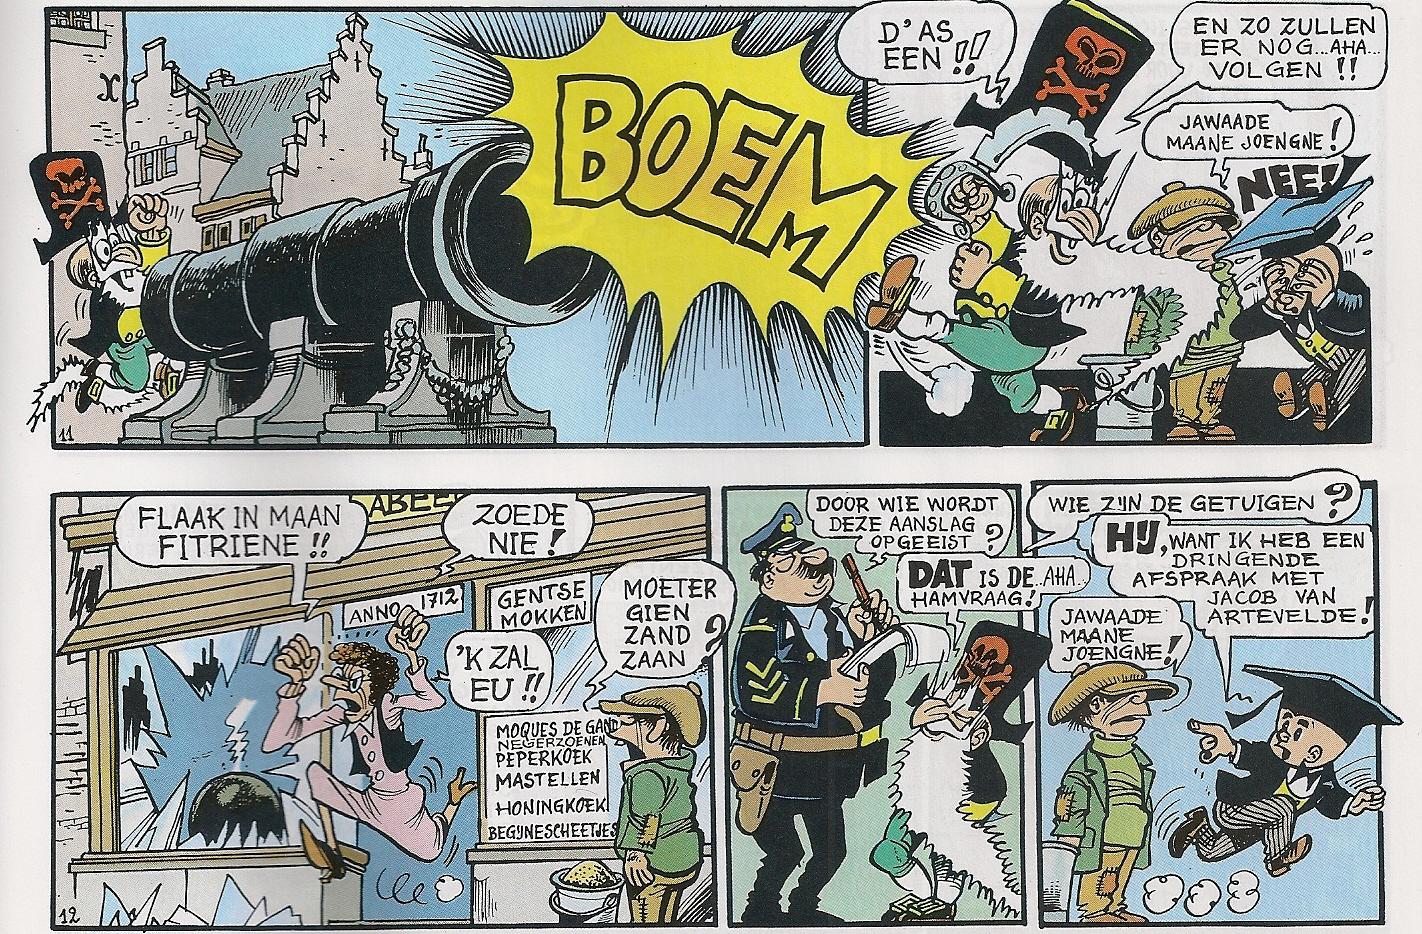 De bom van Boema